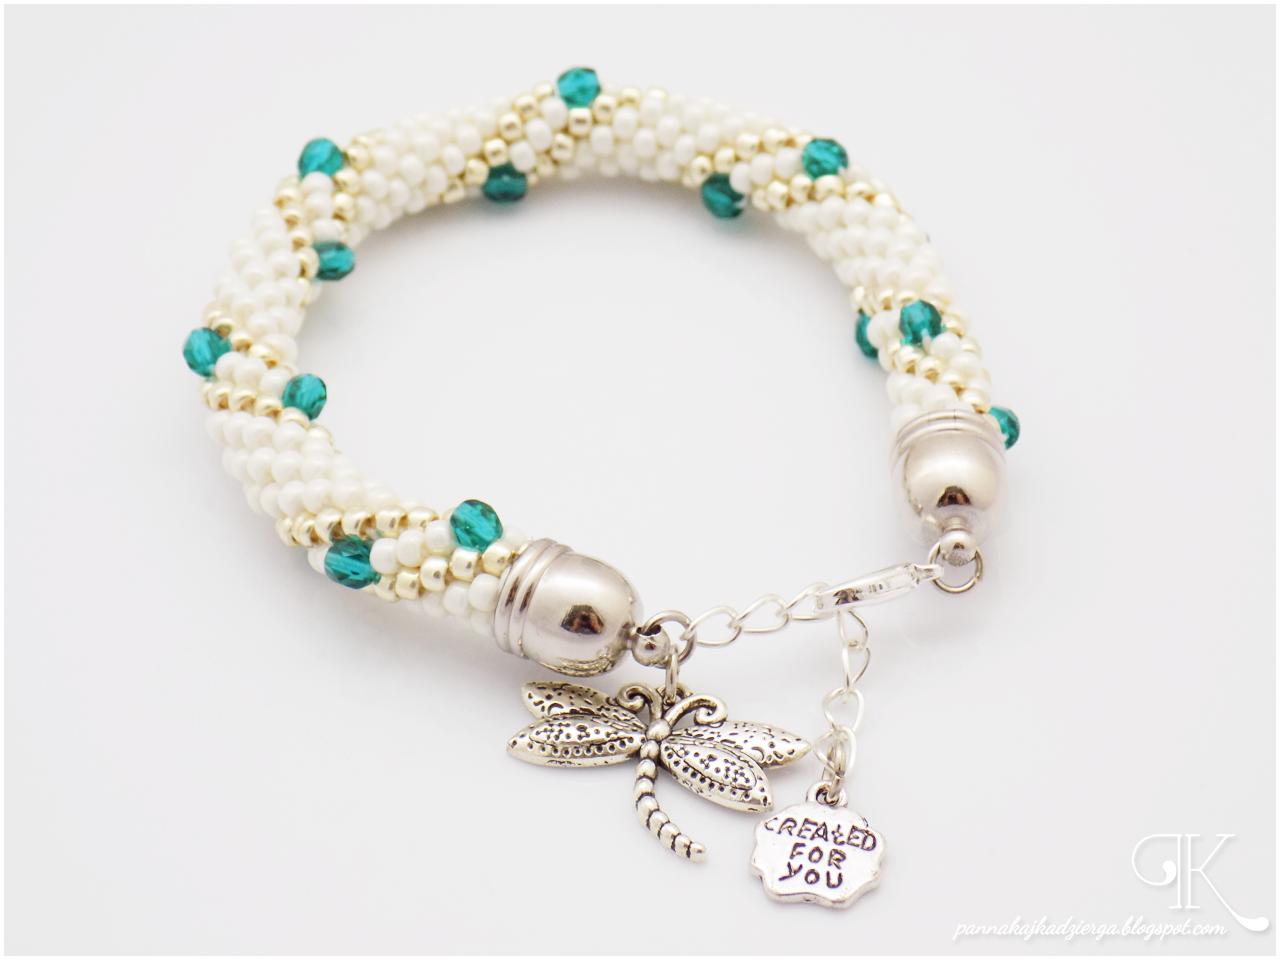 biżuteria, jewellery, handmade, rękodzieło, bransoletka, kaboszon, sznur szydełkowo-koralikowy, ukośnik, koraliki toho,